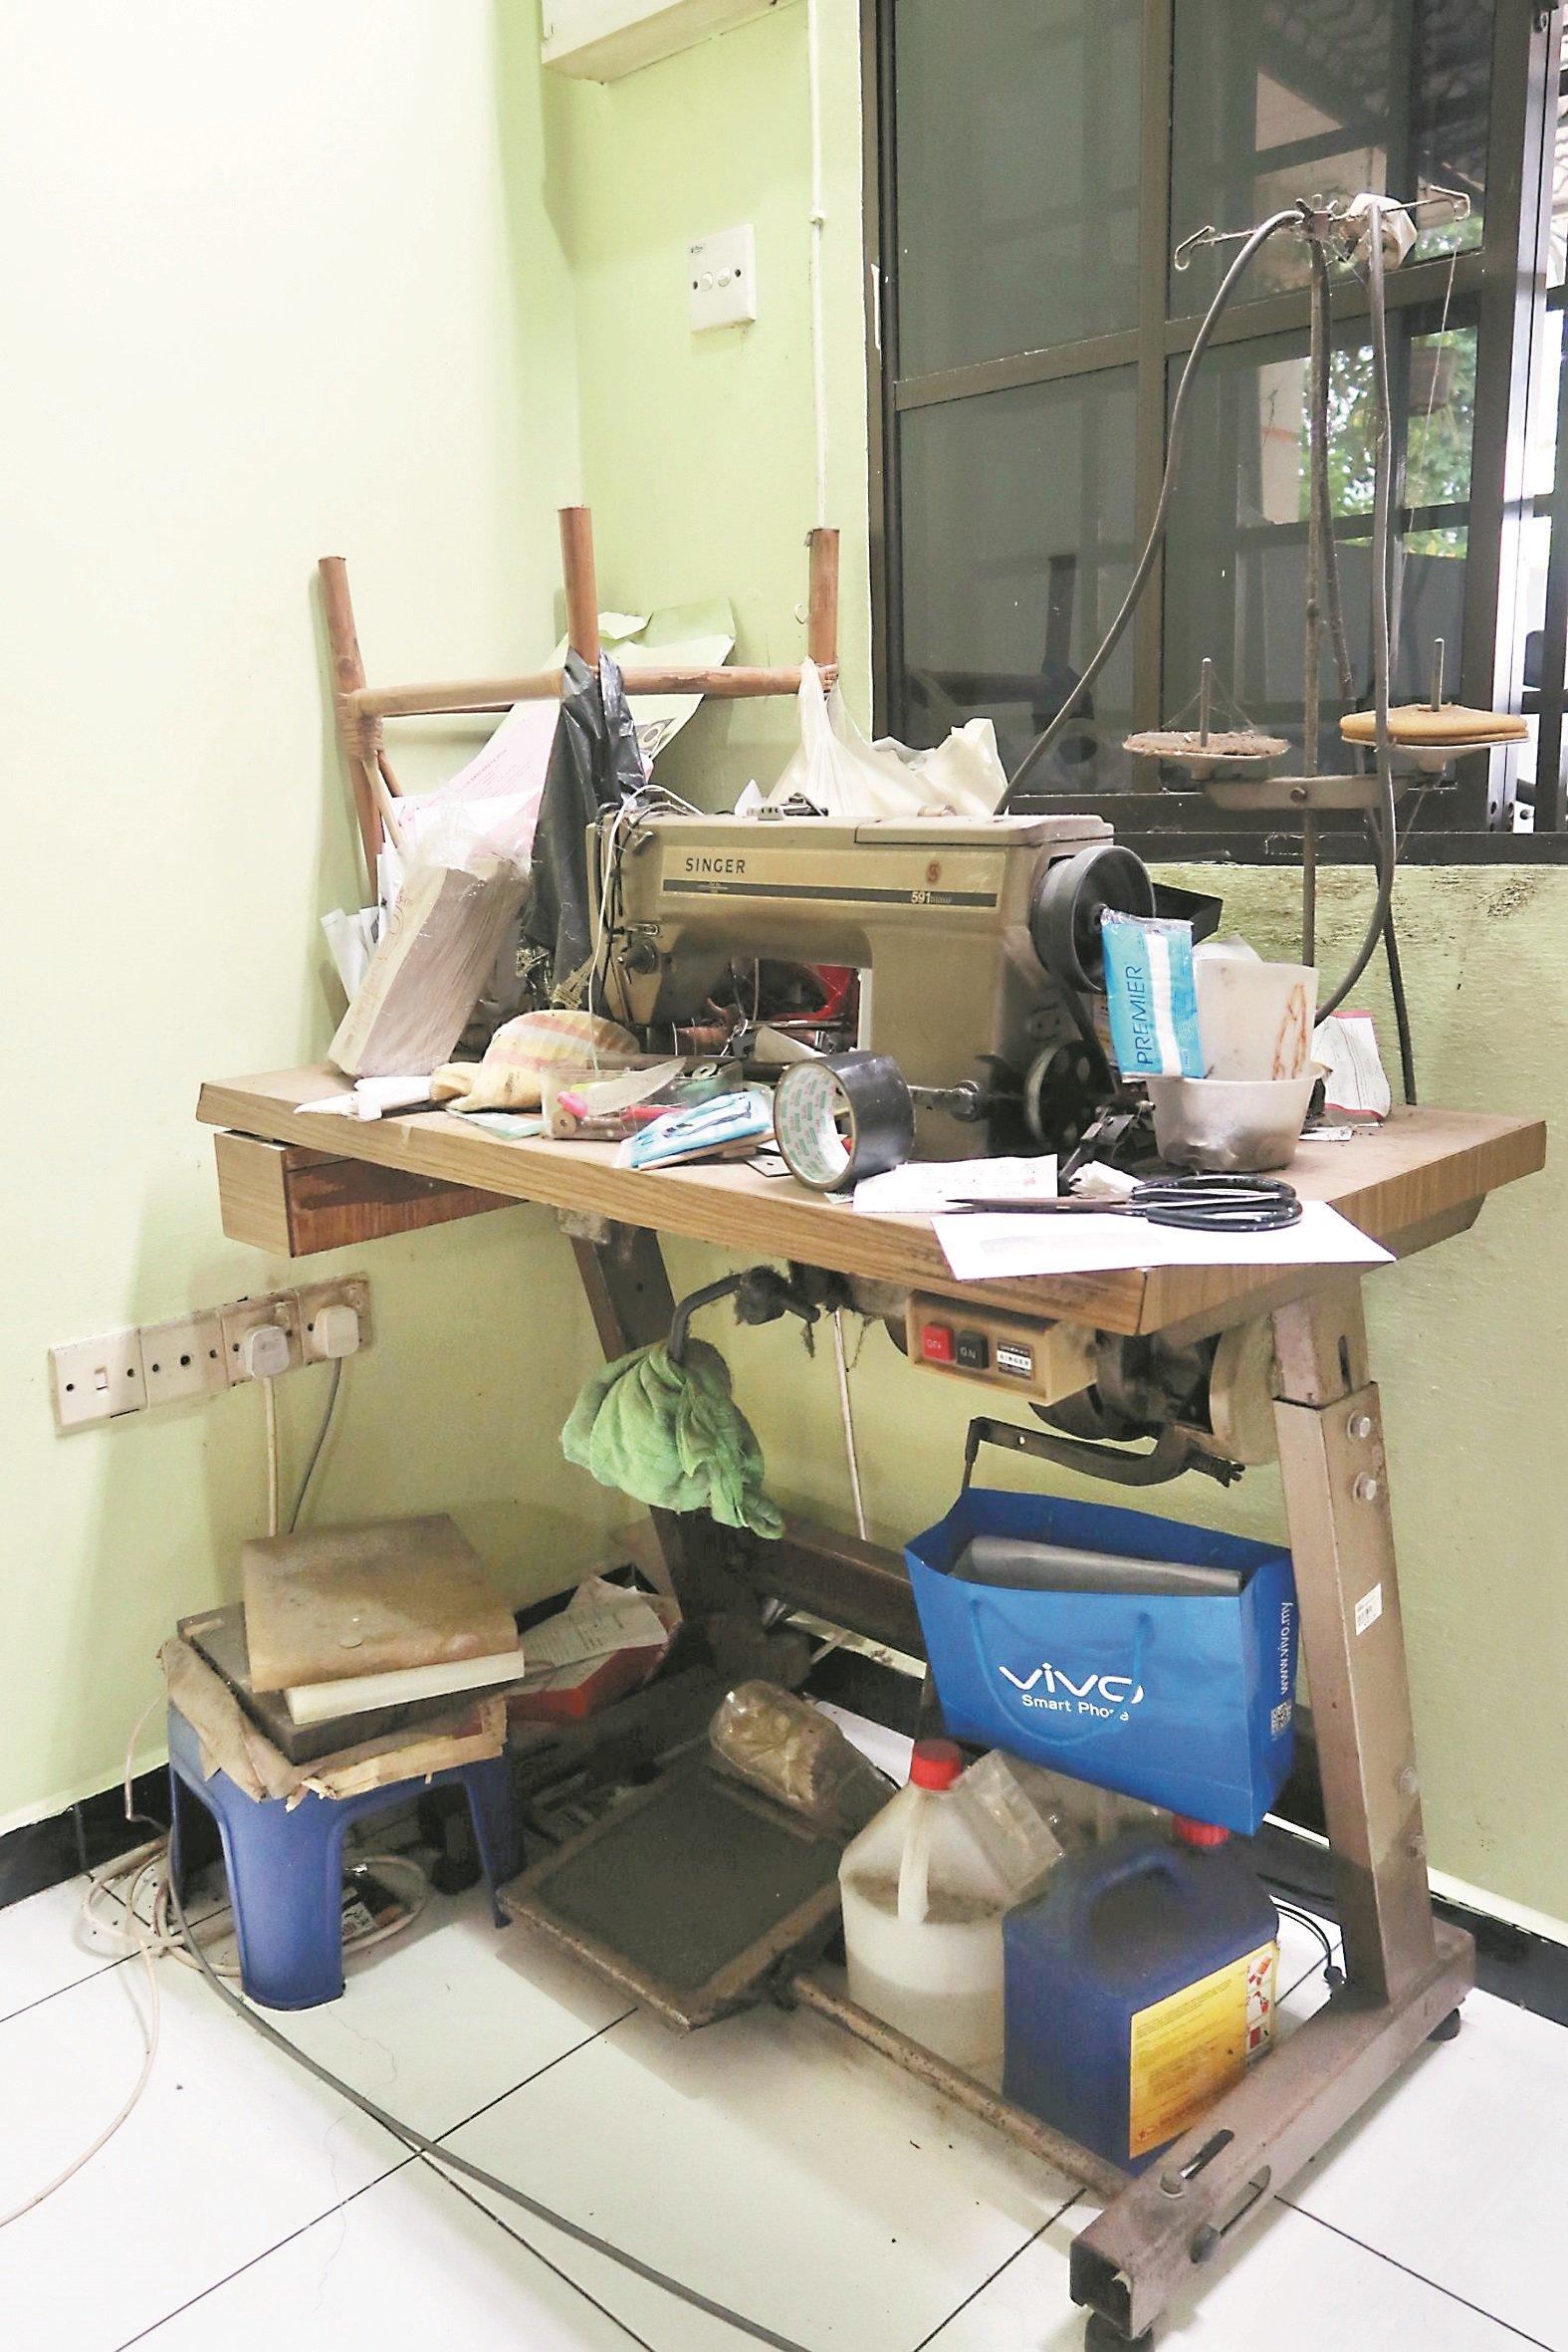 年轻时,李容香从事缝鞋工作,至今家里依然摆放缝纫机, 但已久没使用,所以堆满杂物。